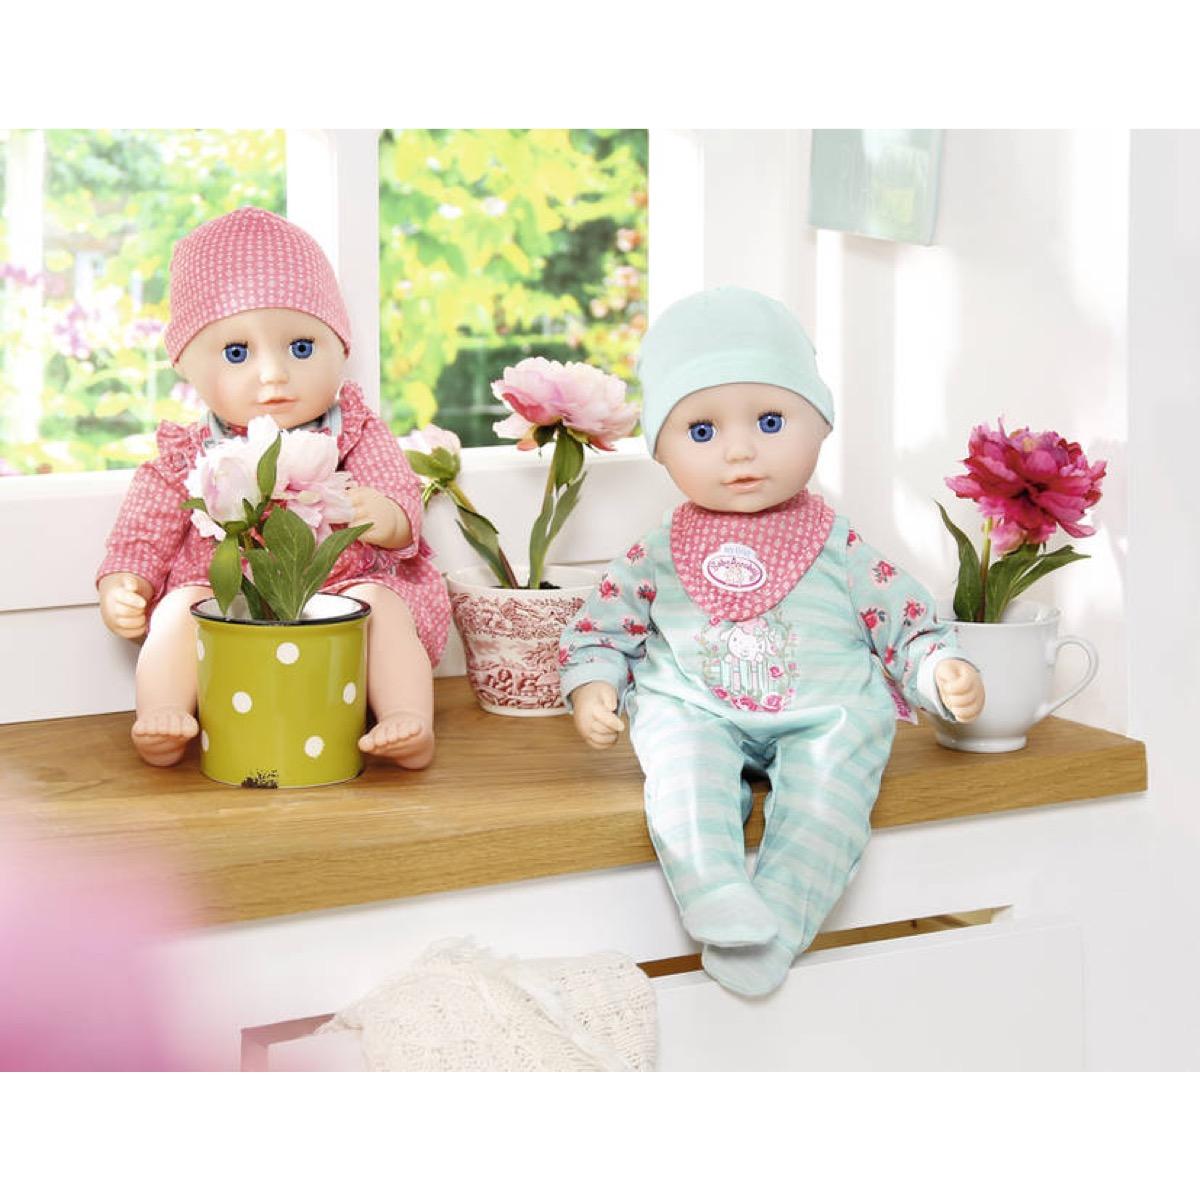 Zapf Creation 702581 - Baby Annabell® Kleidung & Zubehör ...